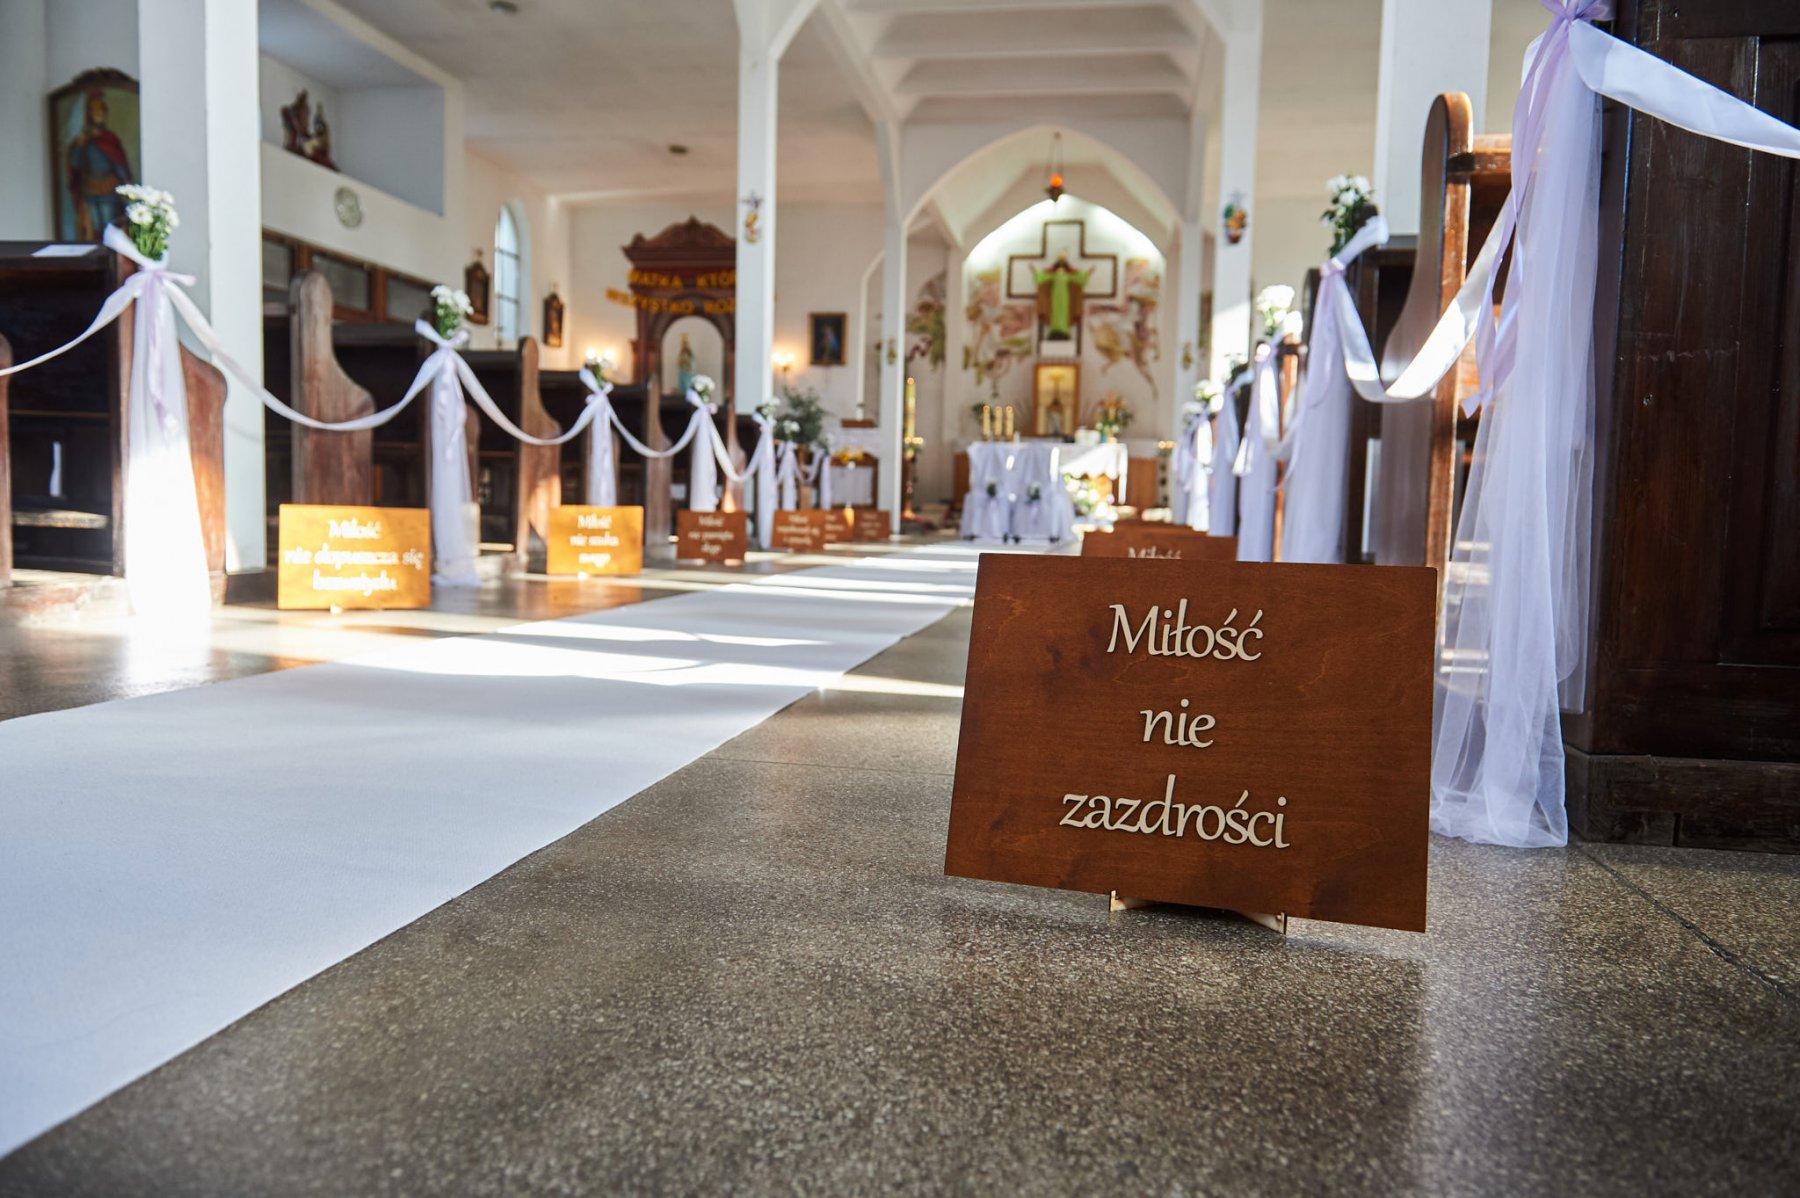 Ola_Milosz-021